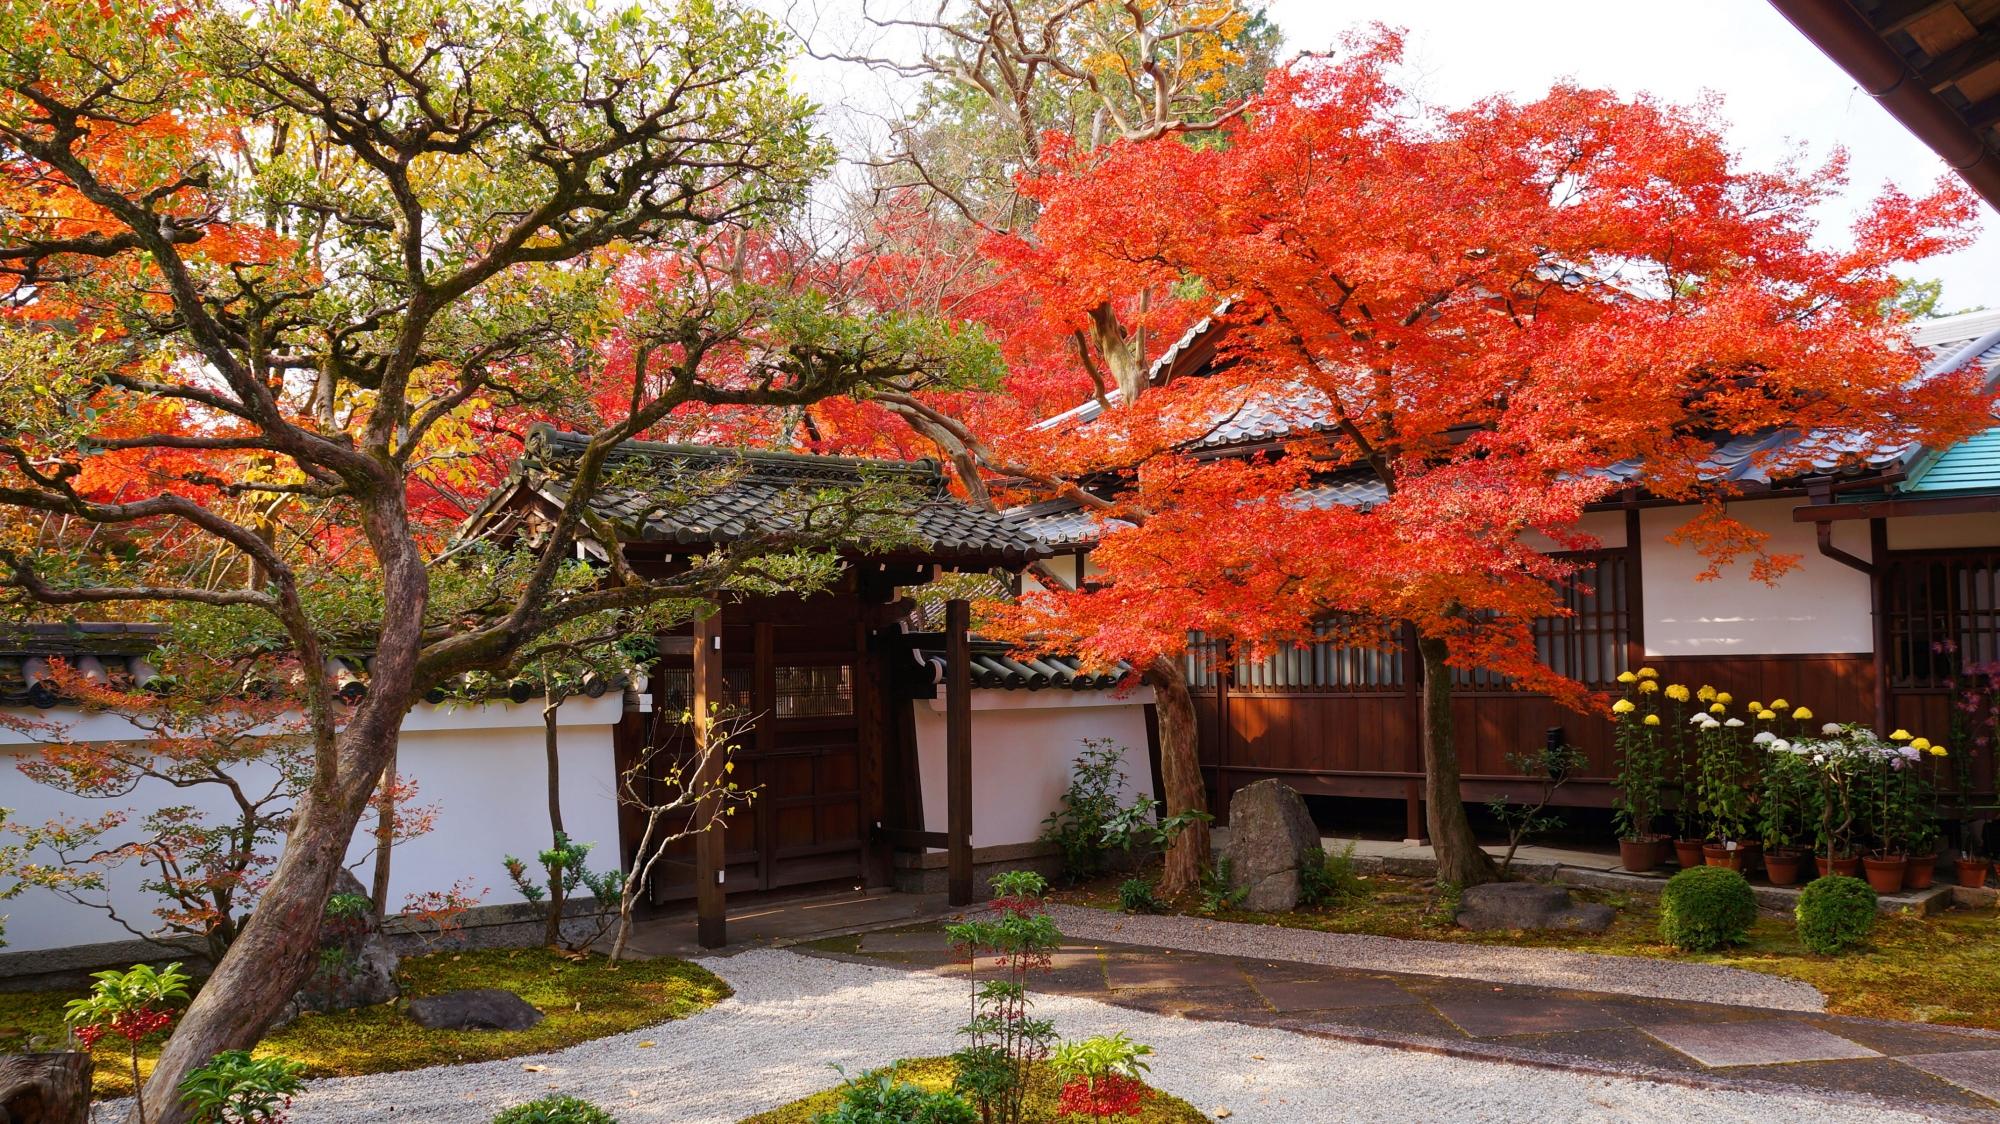 紅葉が鮮やかに色づく真如堂の涅槃の庭